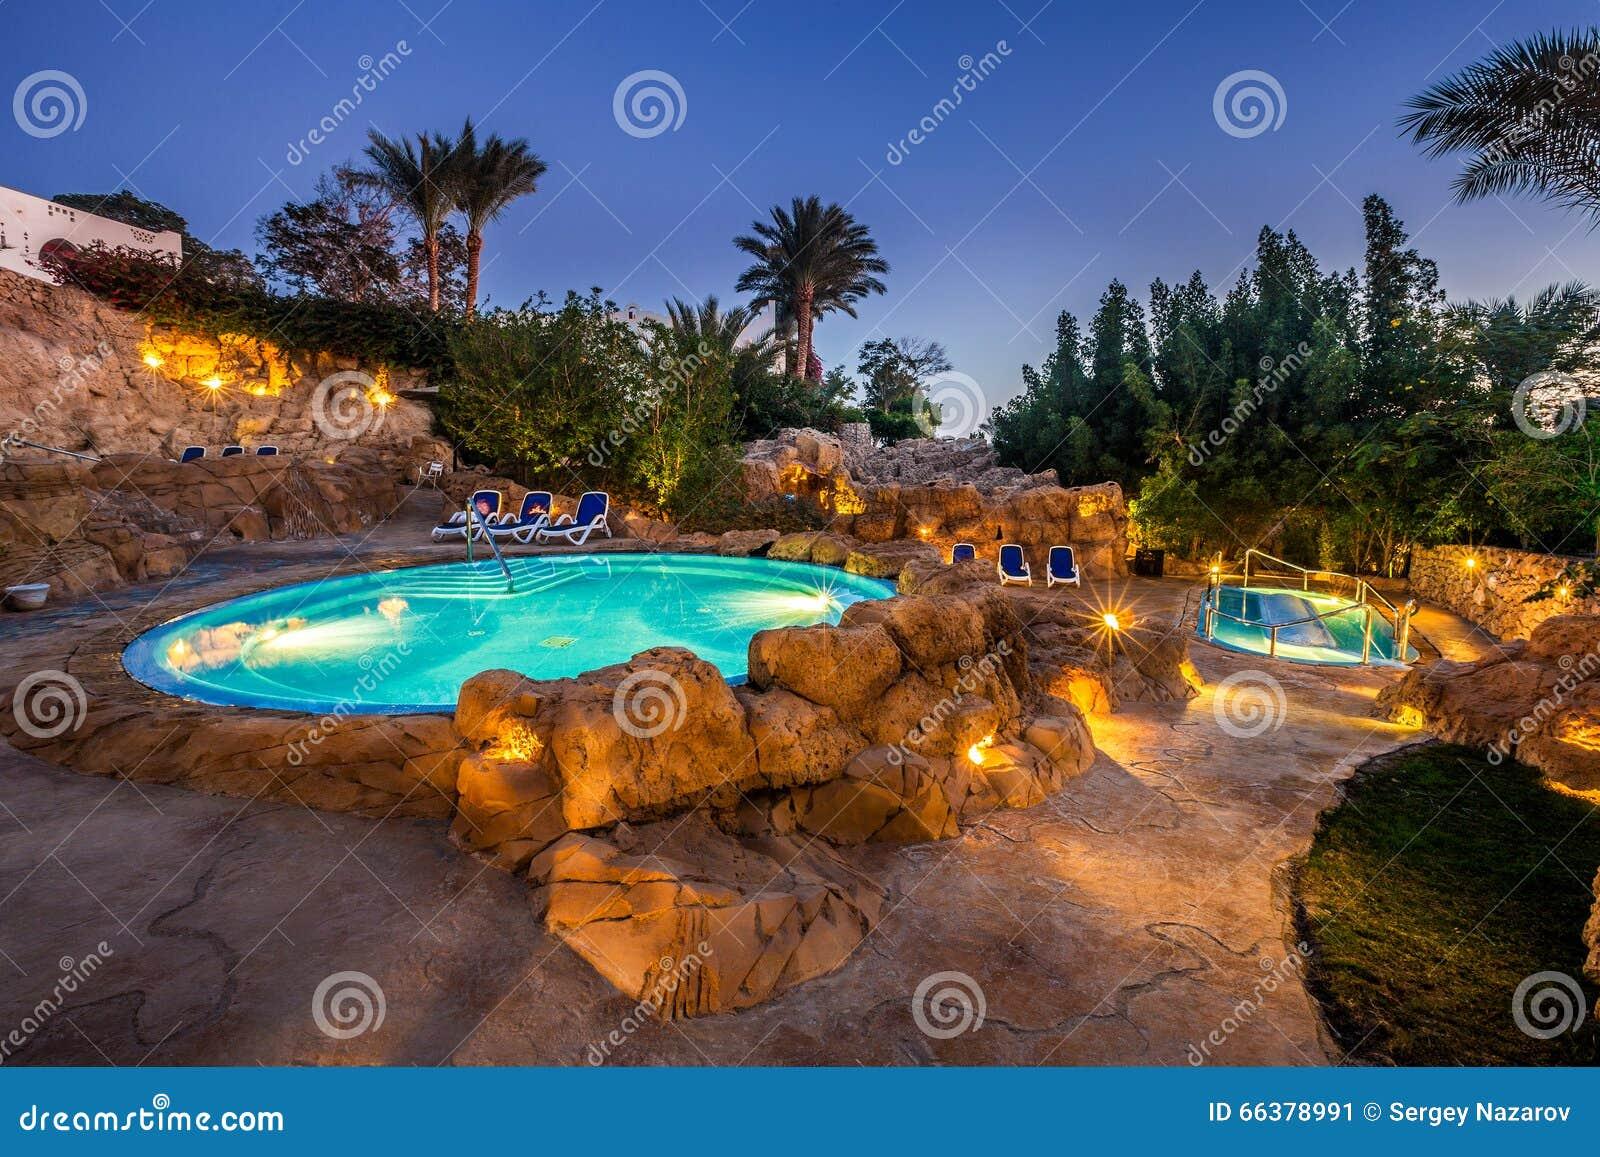 Vista di sera per la piscina di lusso nell illuminazione di notte